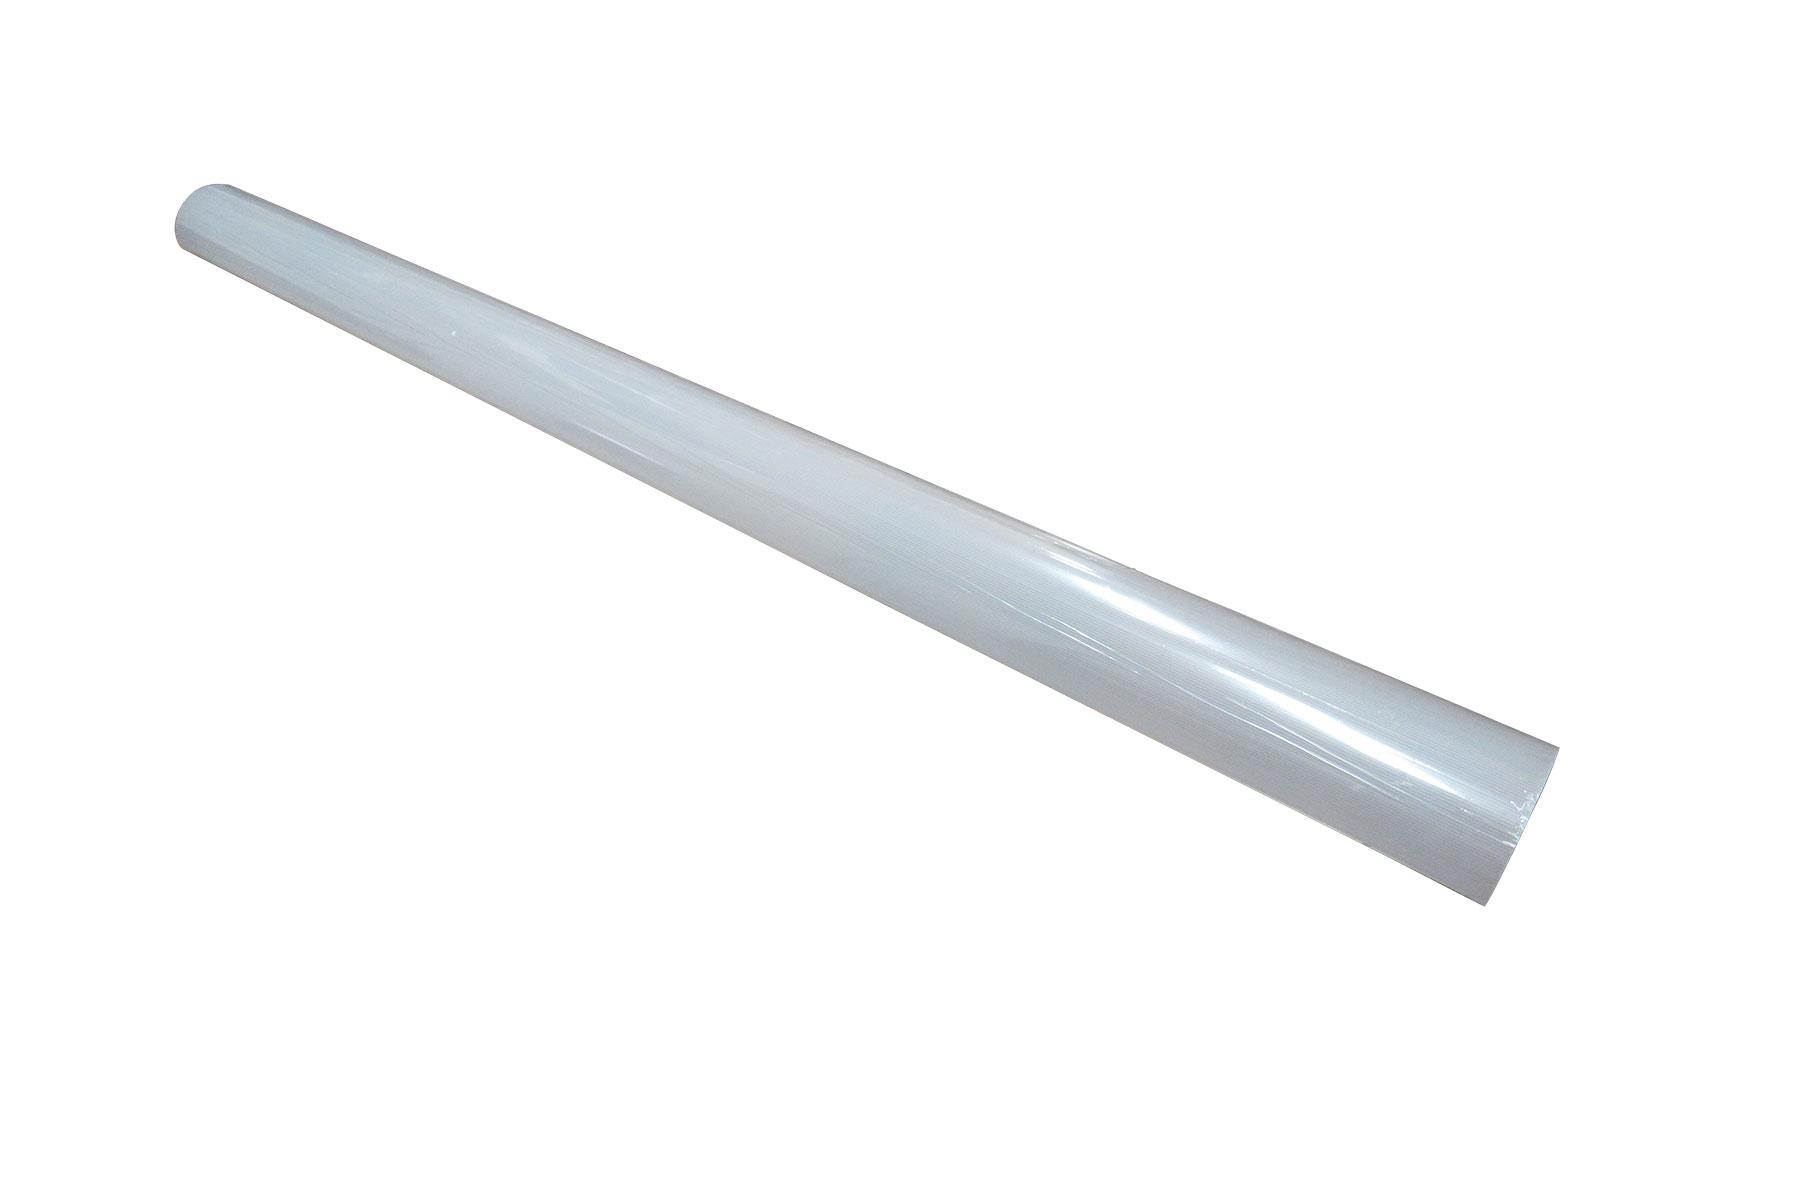 LENS FOR STL52 2 Ft. LED Strip Fixture